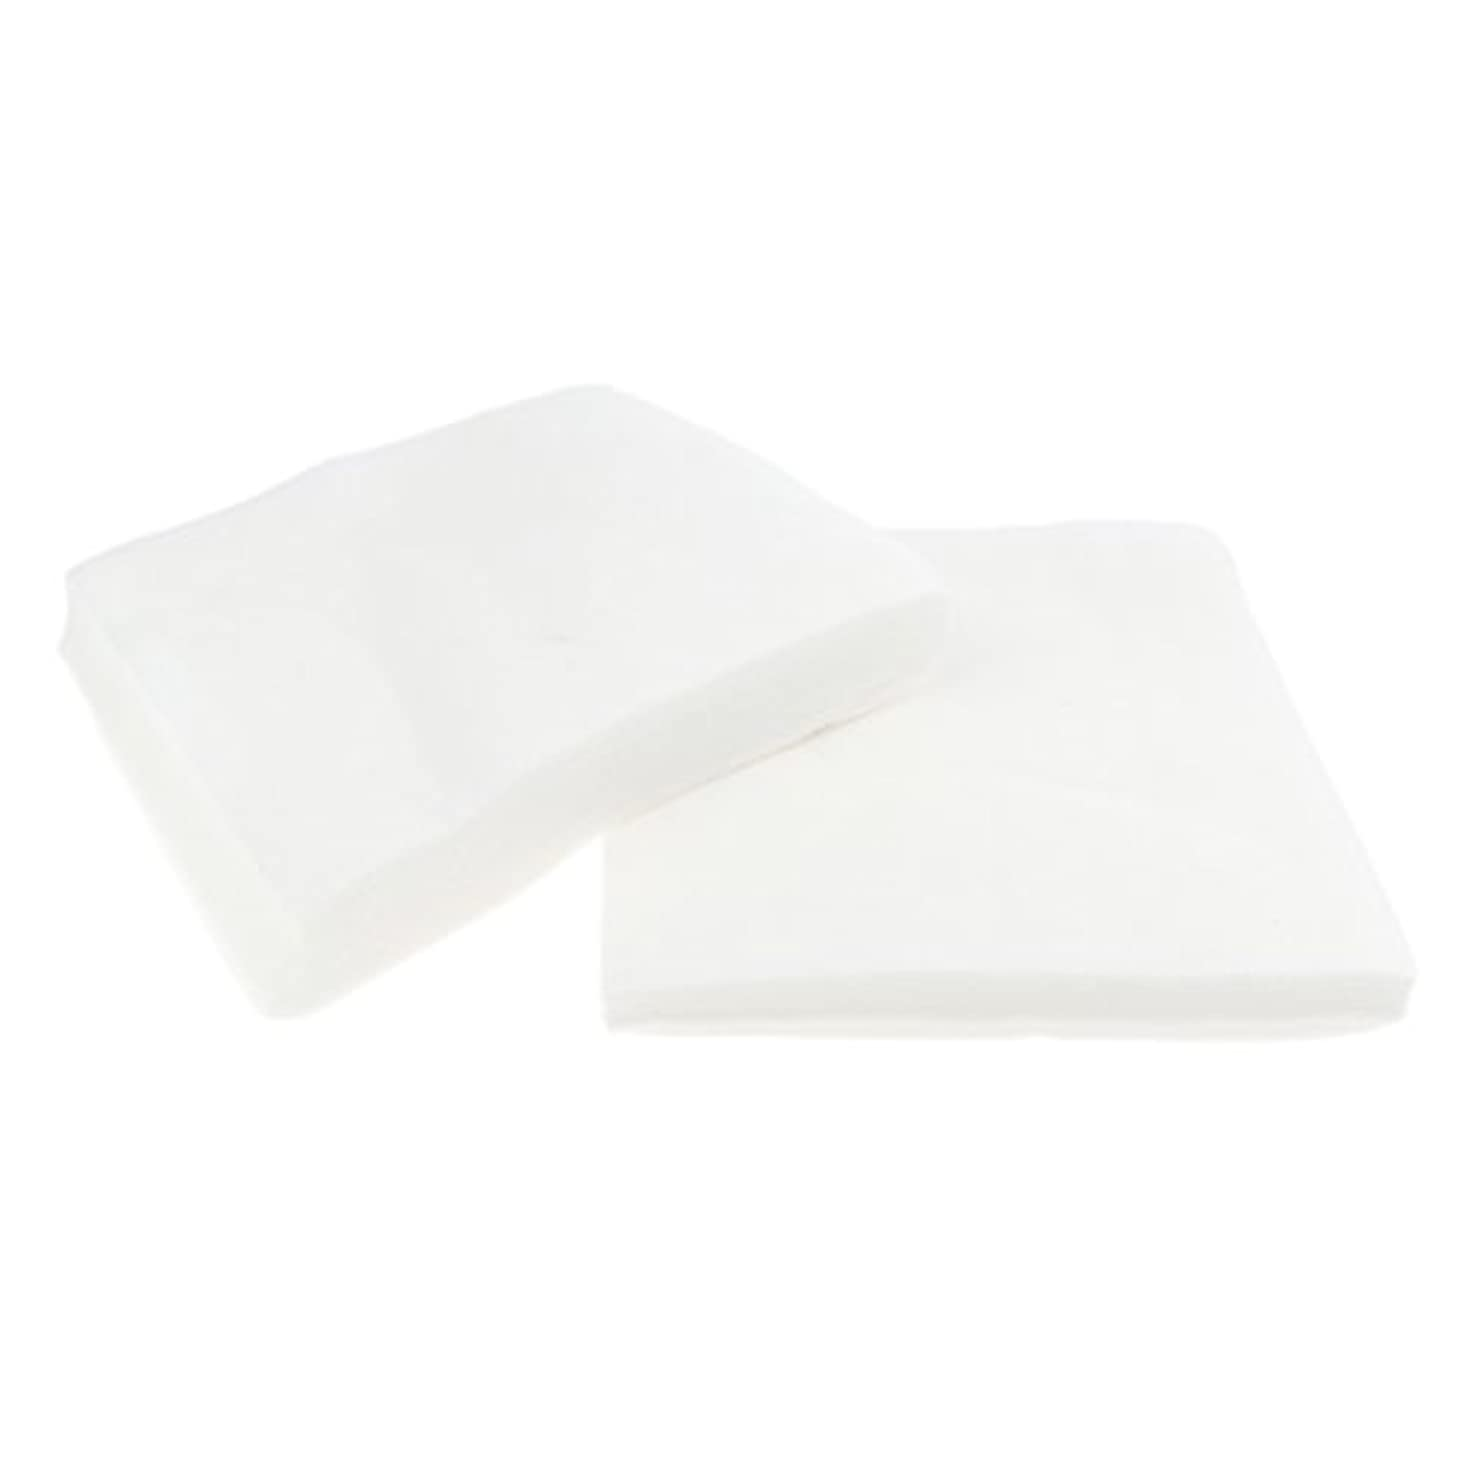 割り込み即席提案メイク落とし 洗顔 シート クレンジングシート メイク落とし 使い捨て ホワイト 2サイズ - 1#